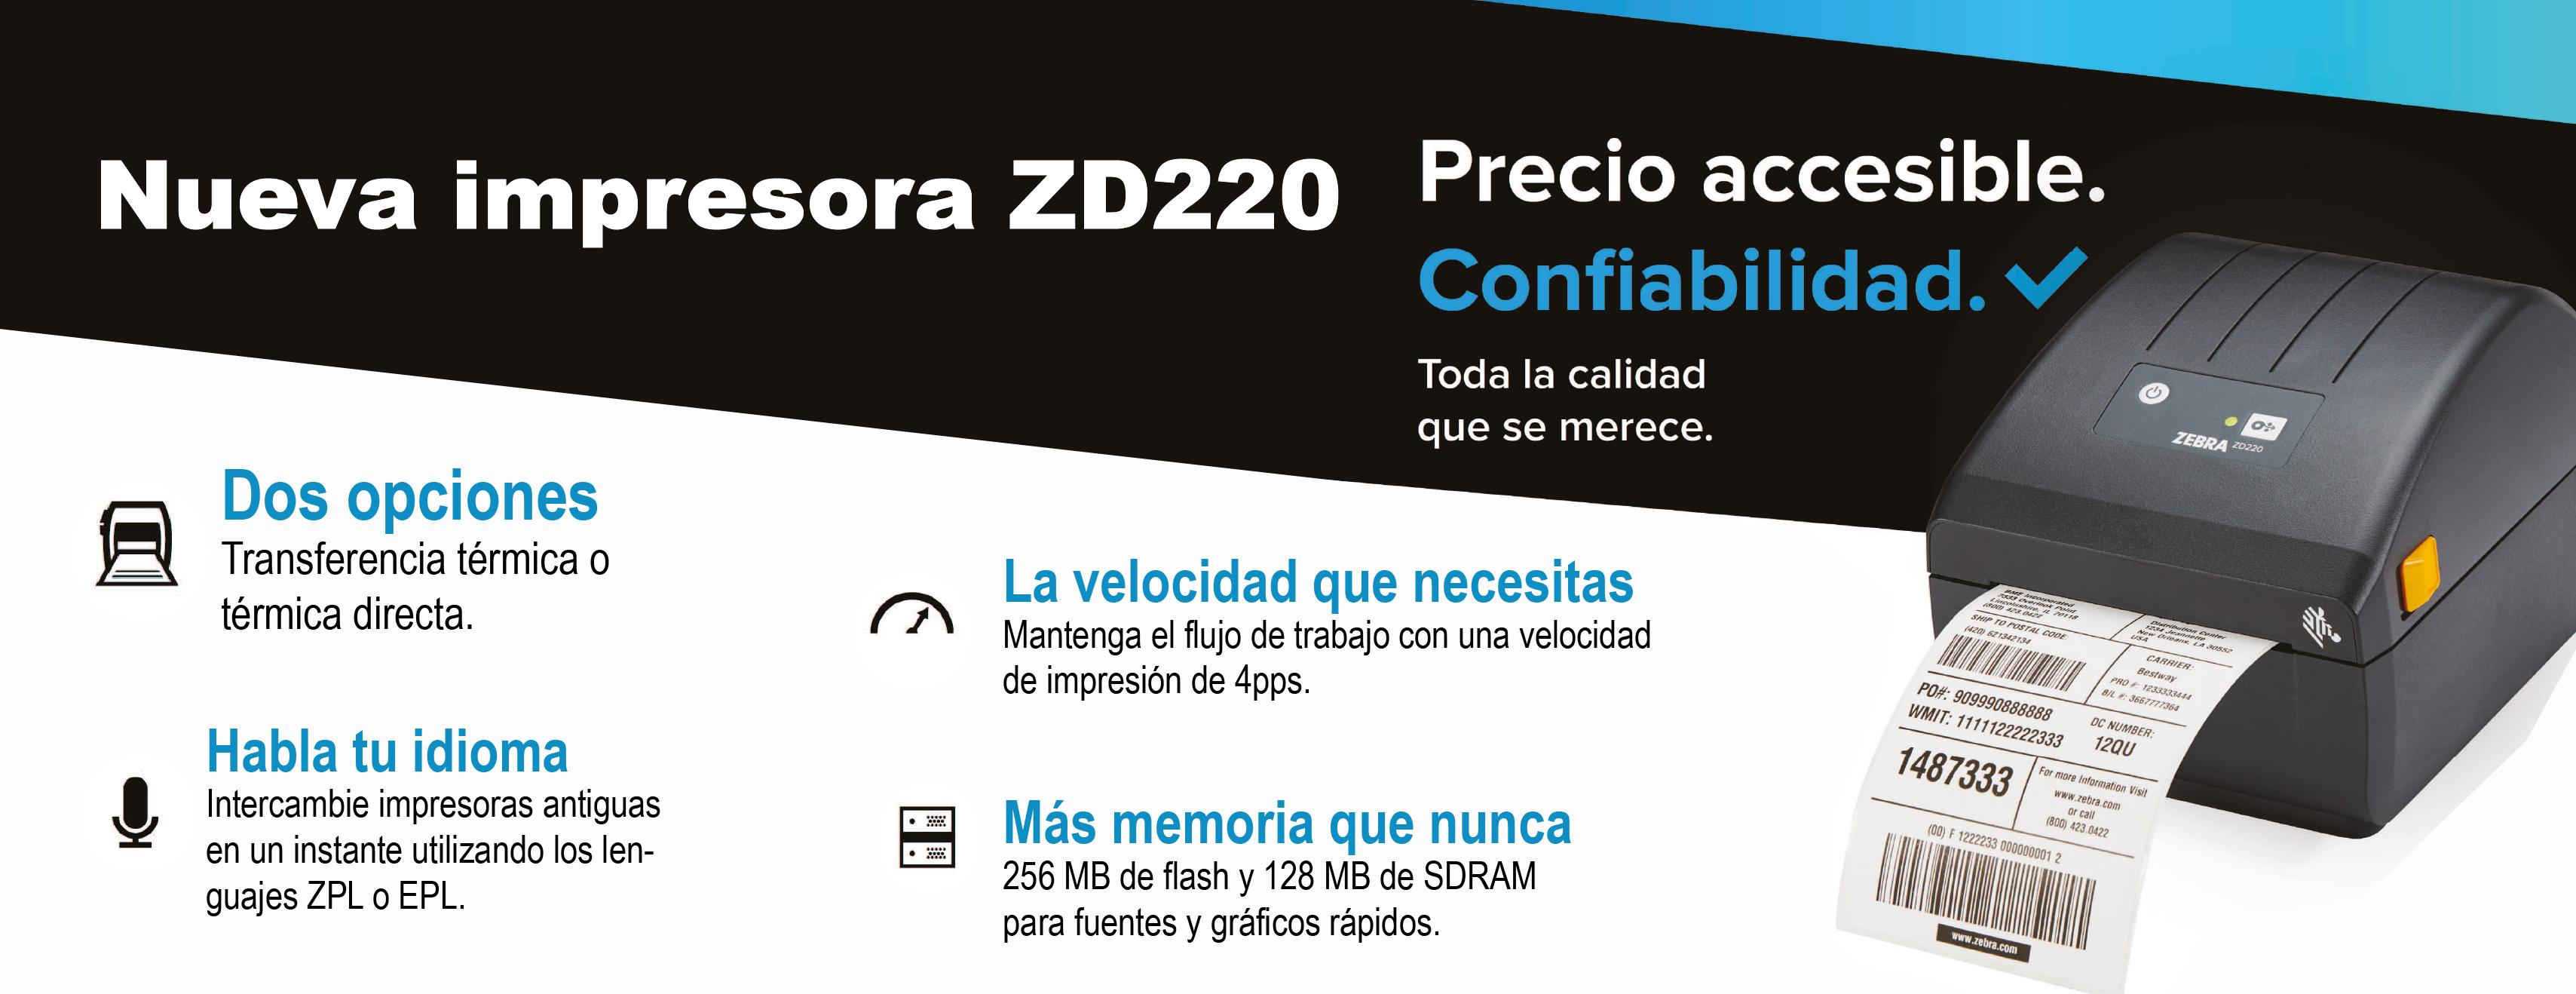 web-zd220